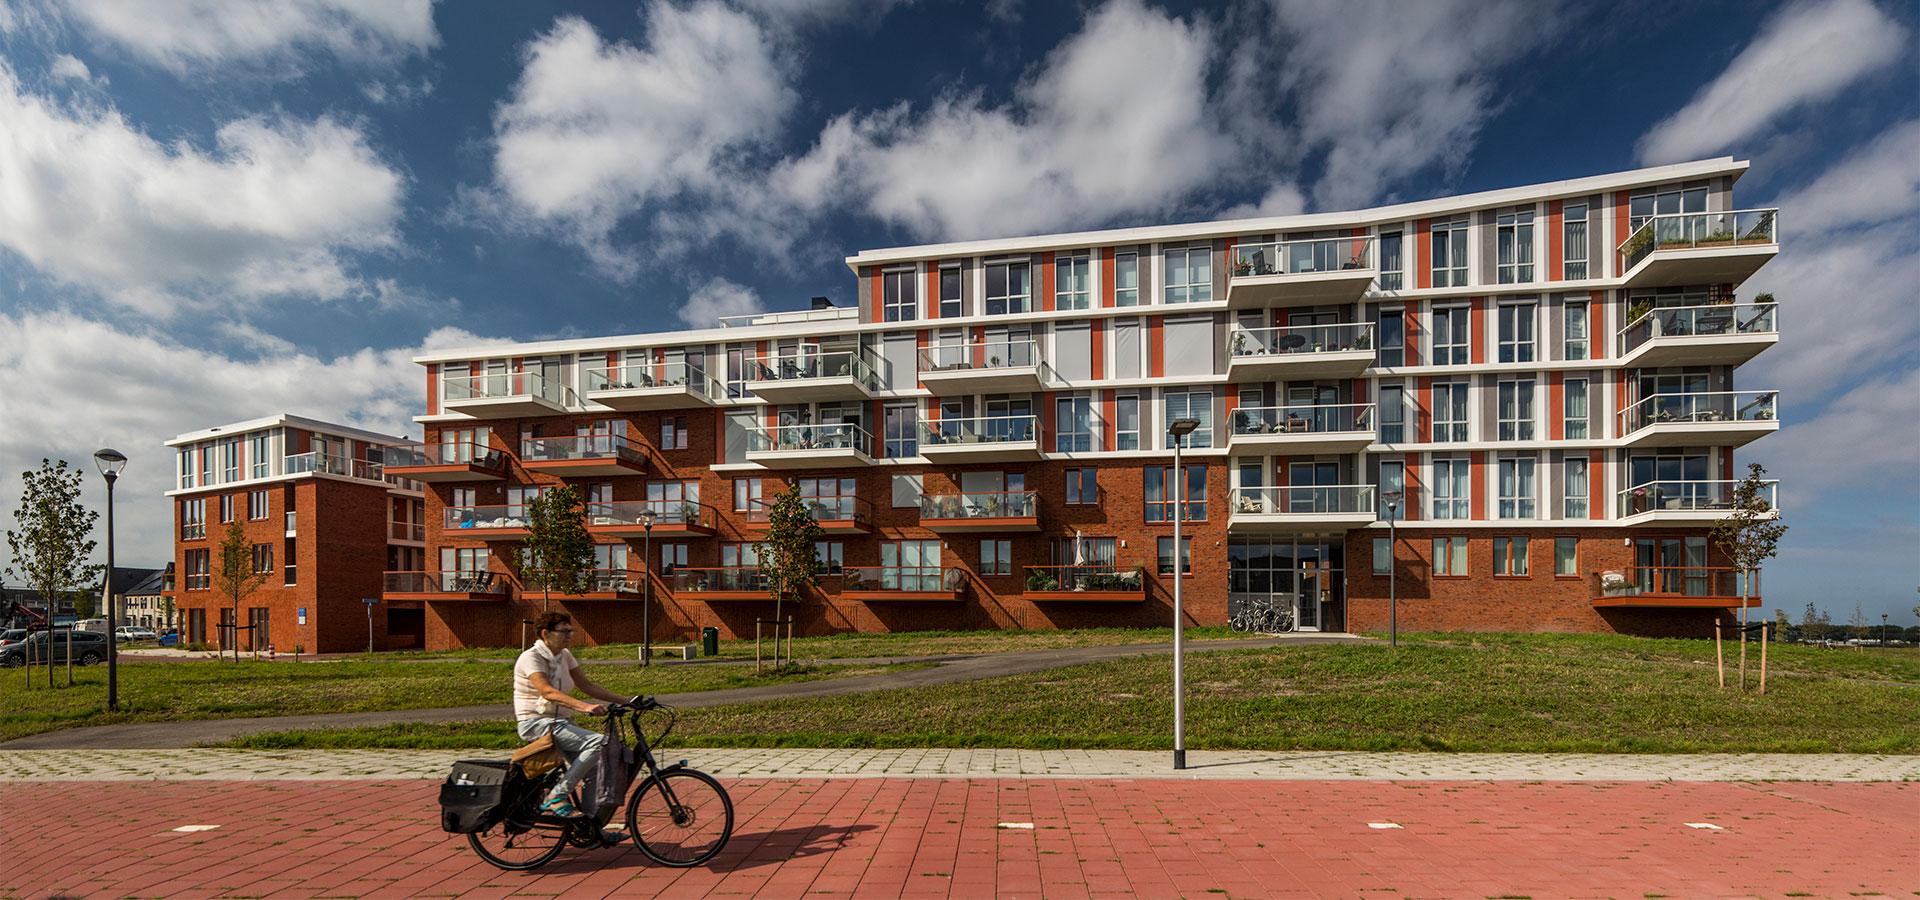 FARO architecten Hooghkamer Voorhout 07